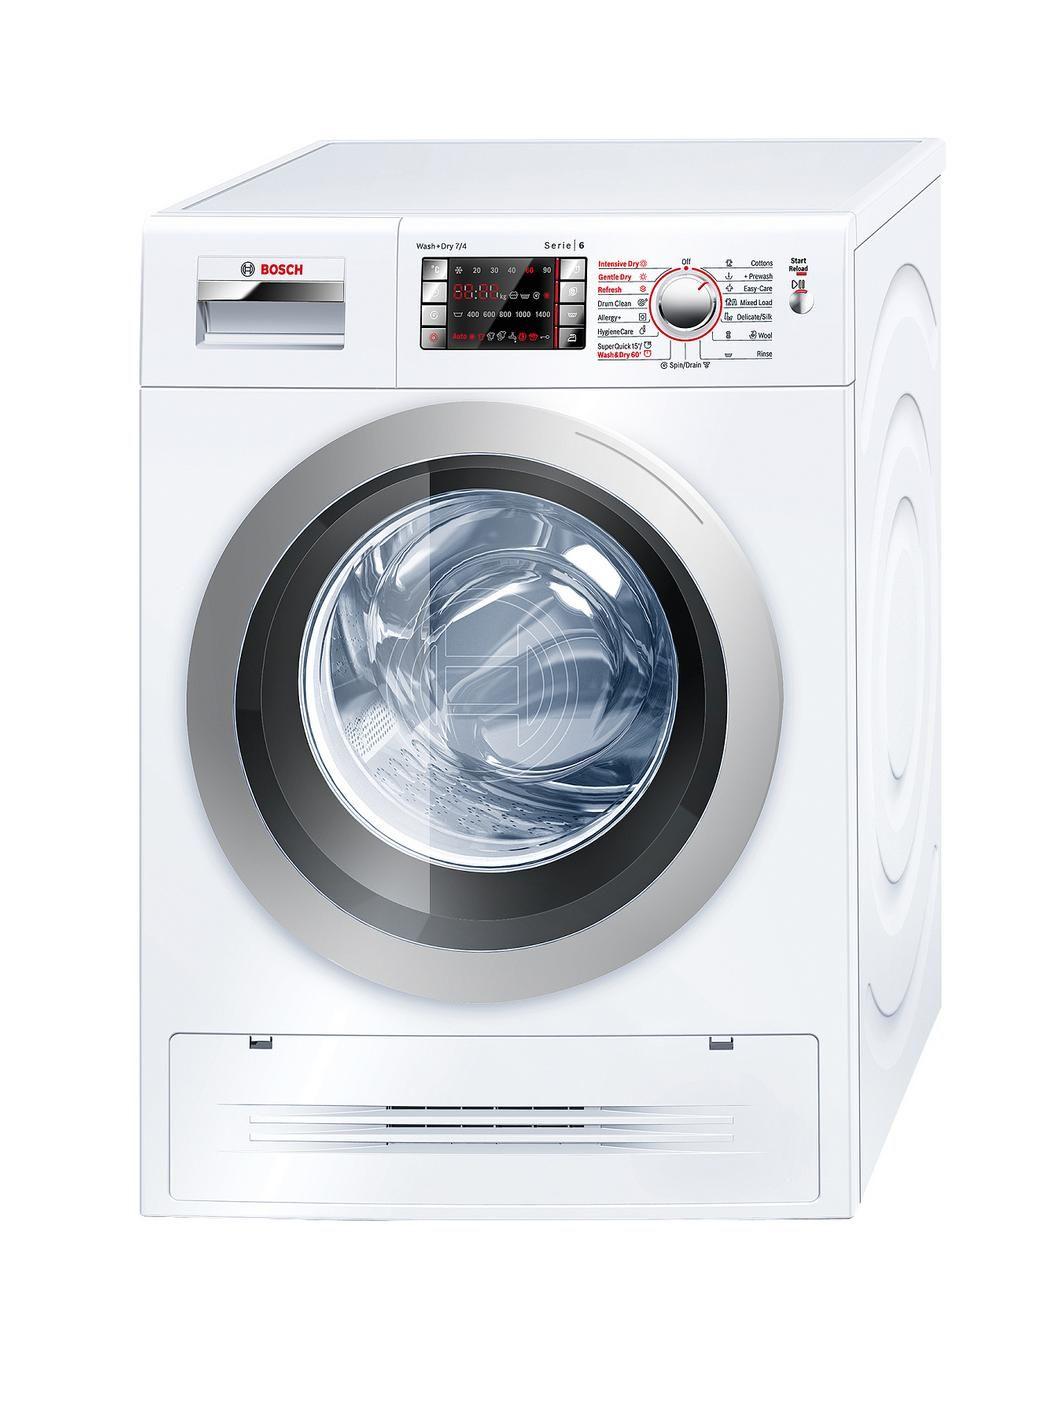 Bosch Logixx WVH28422Gb 1400 Spin, 7kg + 4kg Washer Dryer - White   very.